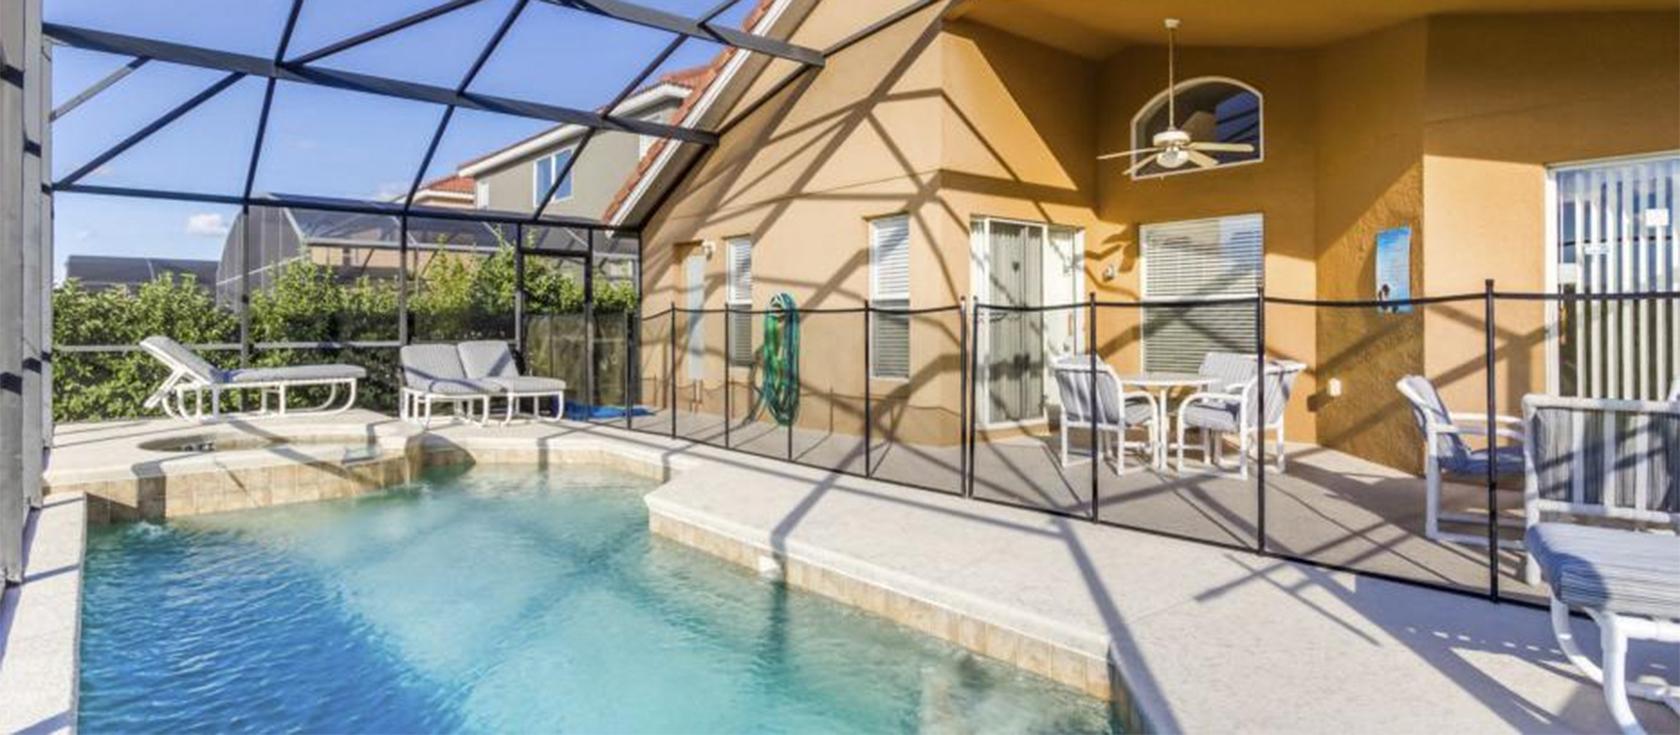 Villa Carter, Aviana Resort, Davenport